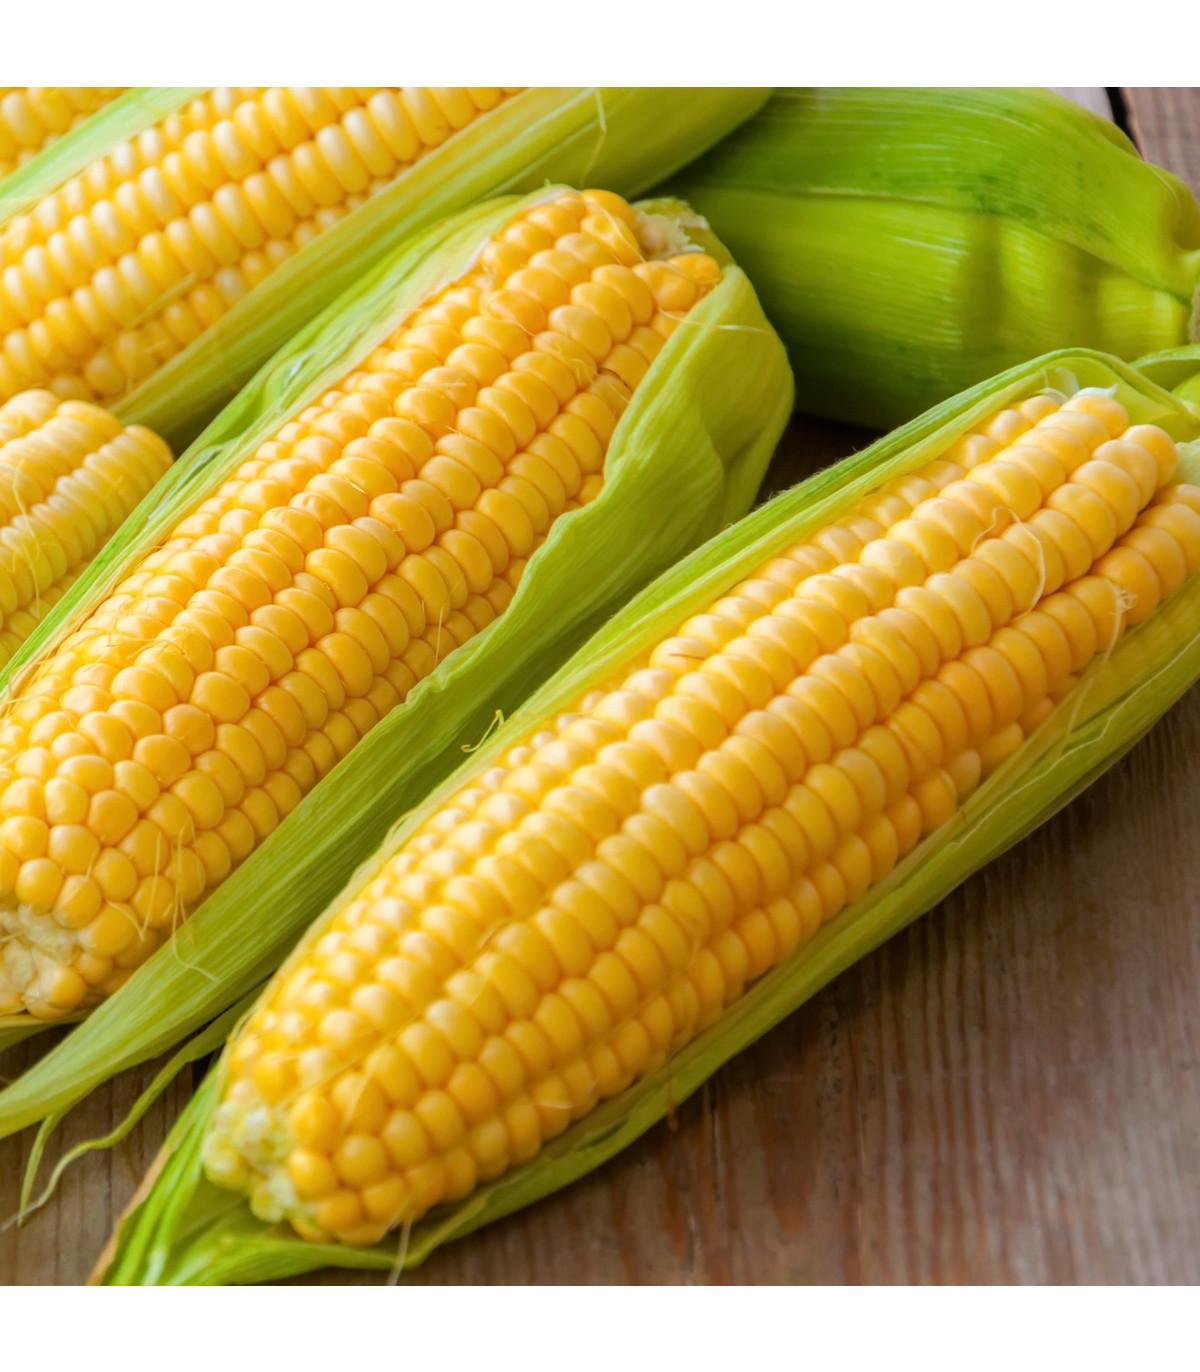 Kukuřice Andrea F1 - Zea mays - osivo kukuřice - 16 ks